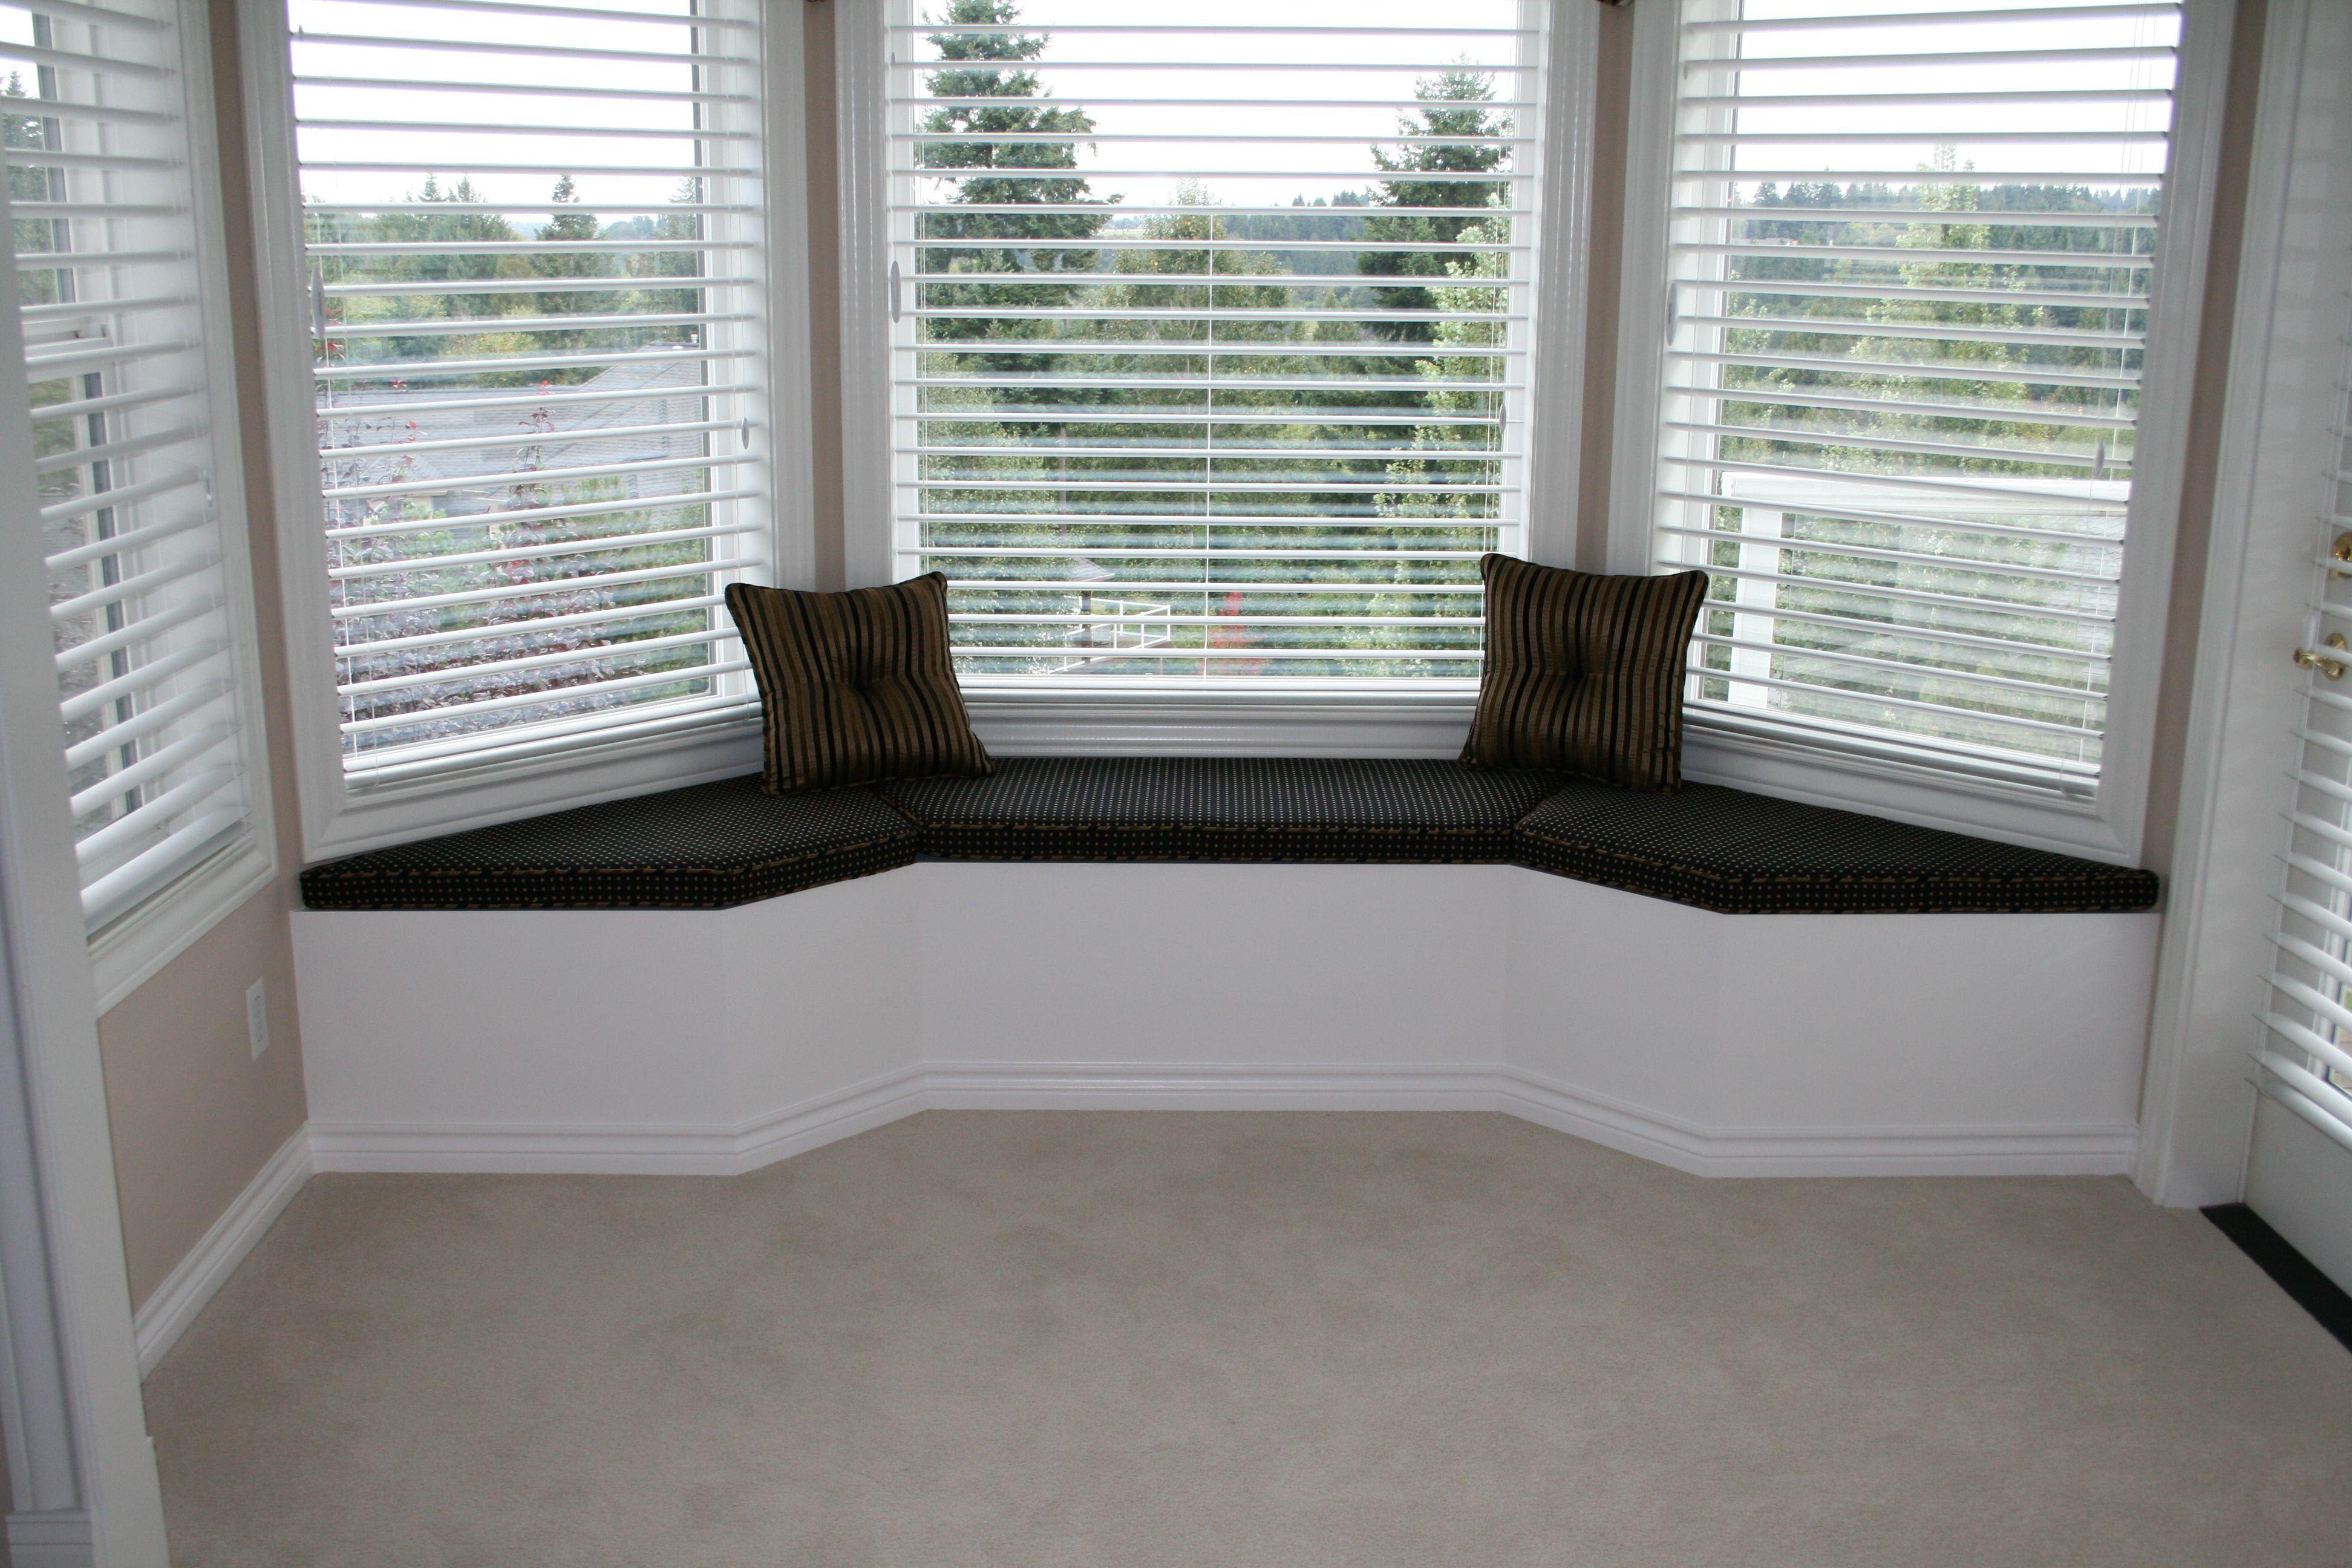 nook seat bay fancy window ideas plush furniture design fresh kitchen download